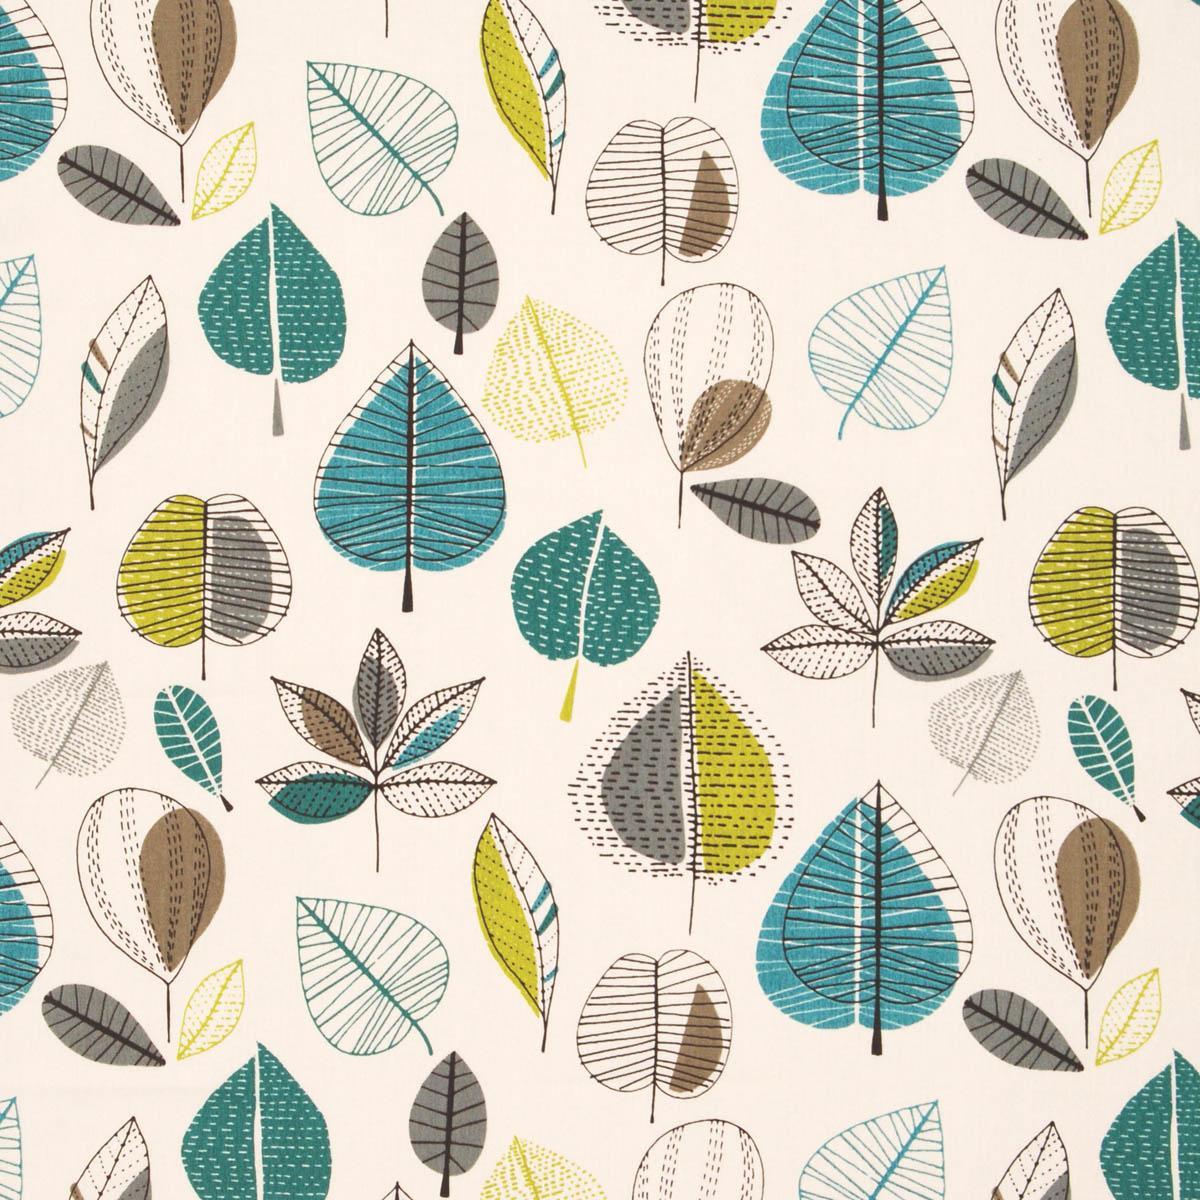 Delighted Teal Curtain Fabric Photos - Bathtub for Bathroom Ideas ...